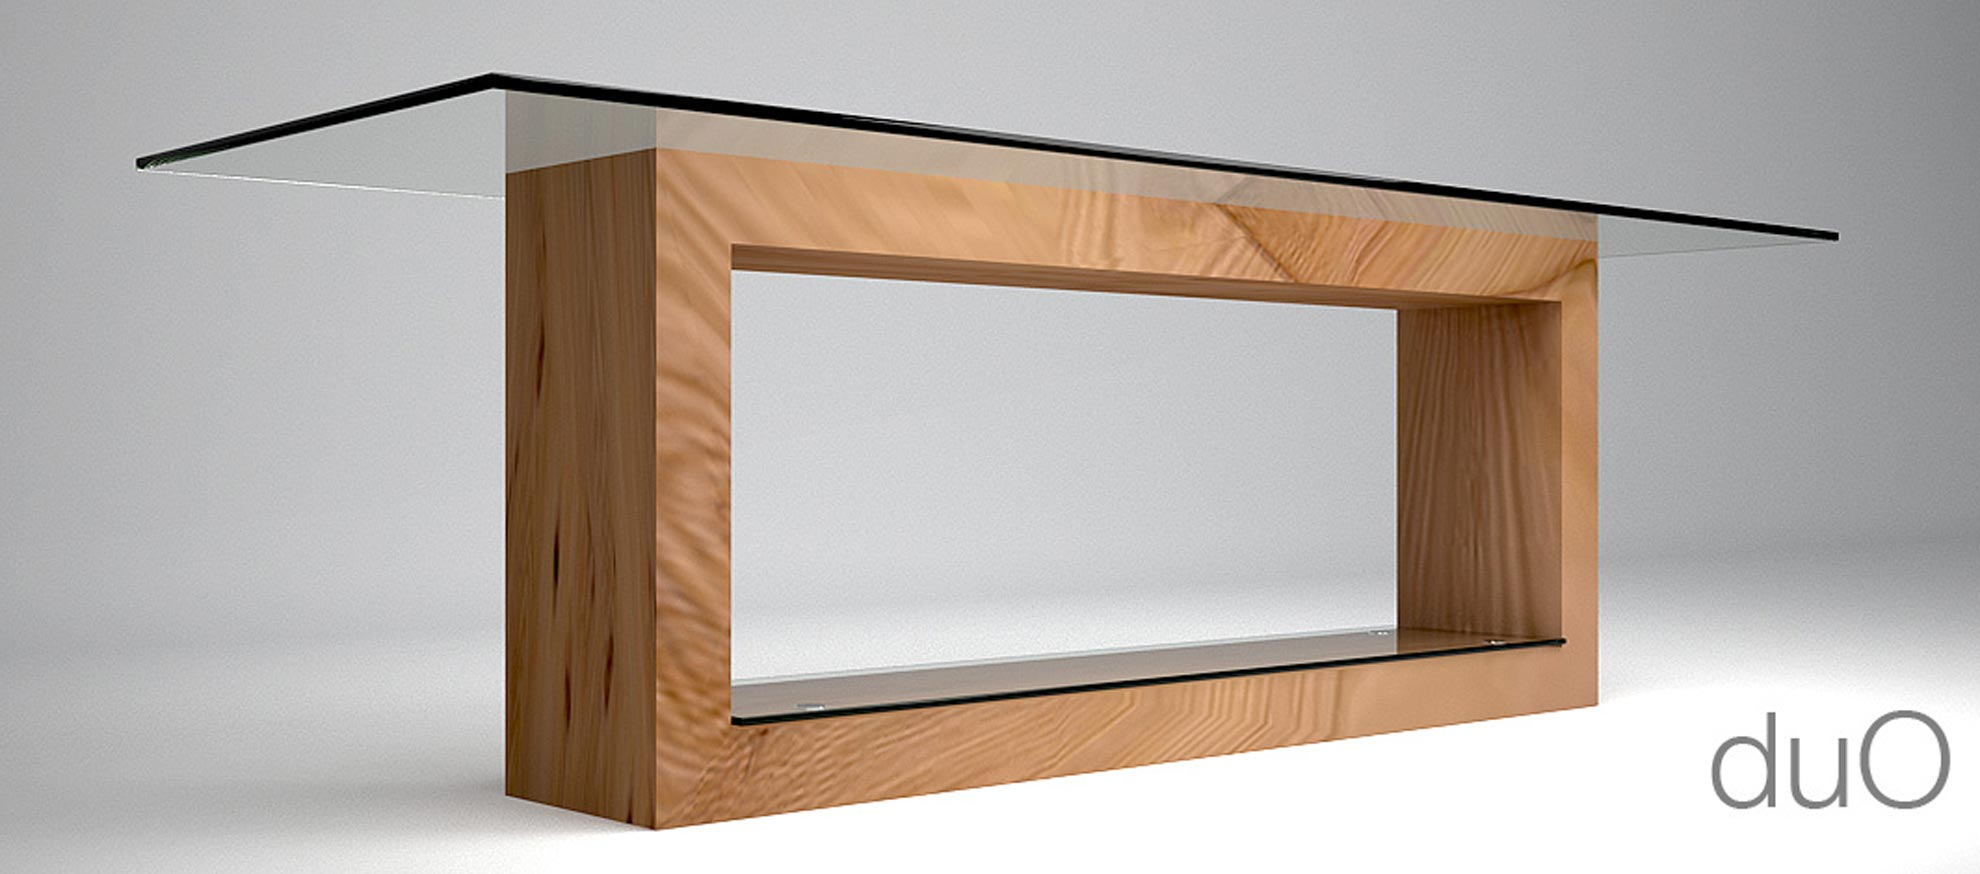 Tavolo in legno e cristallo duo architetto andrea bella for Tavoli in cristallo